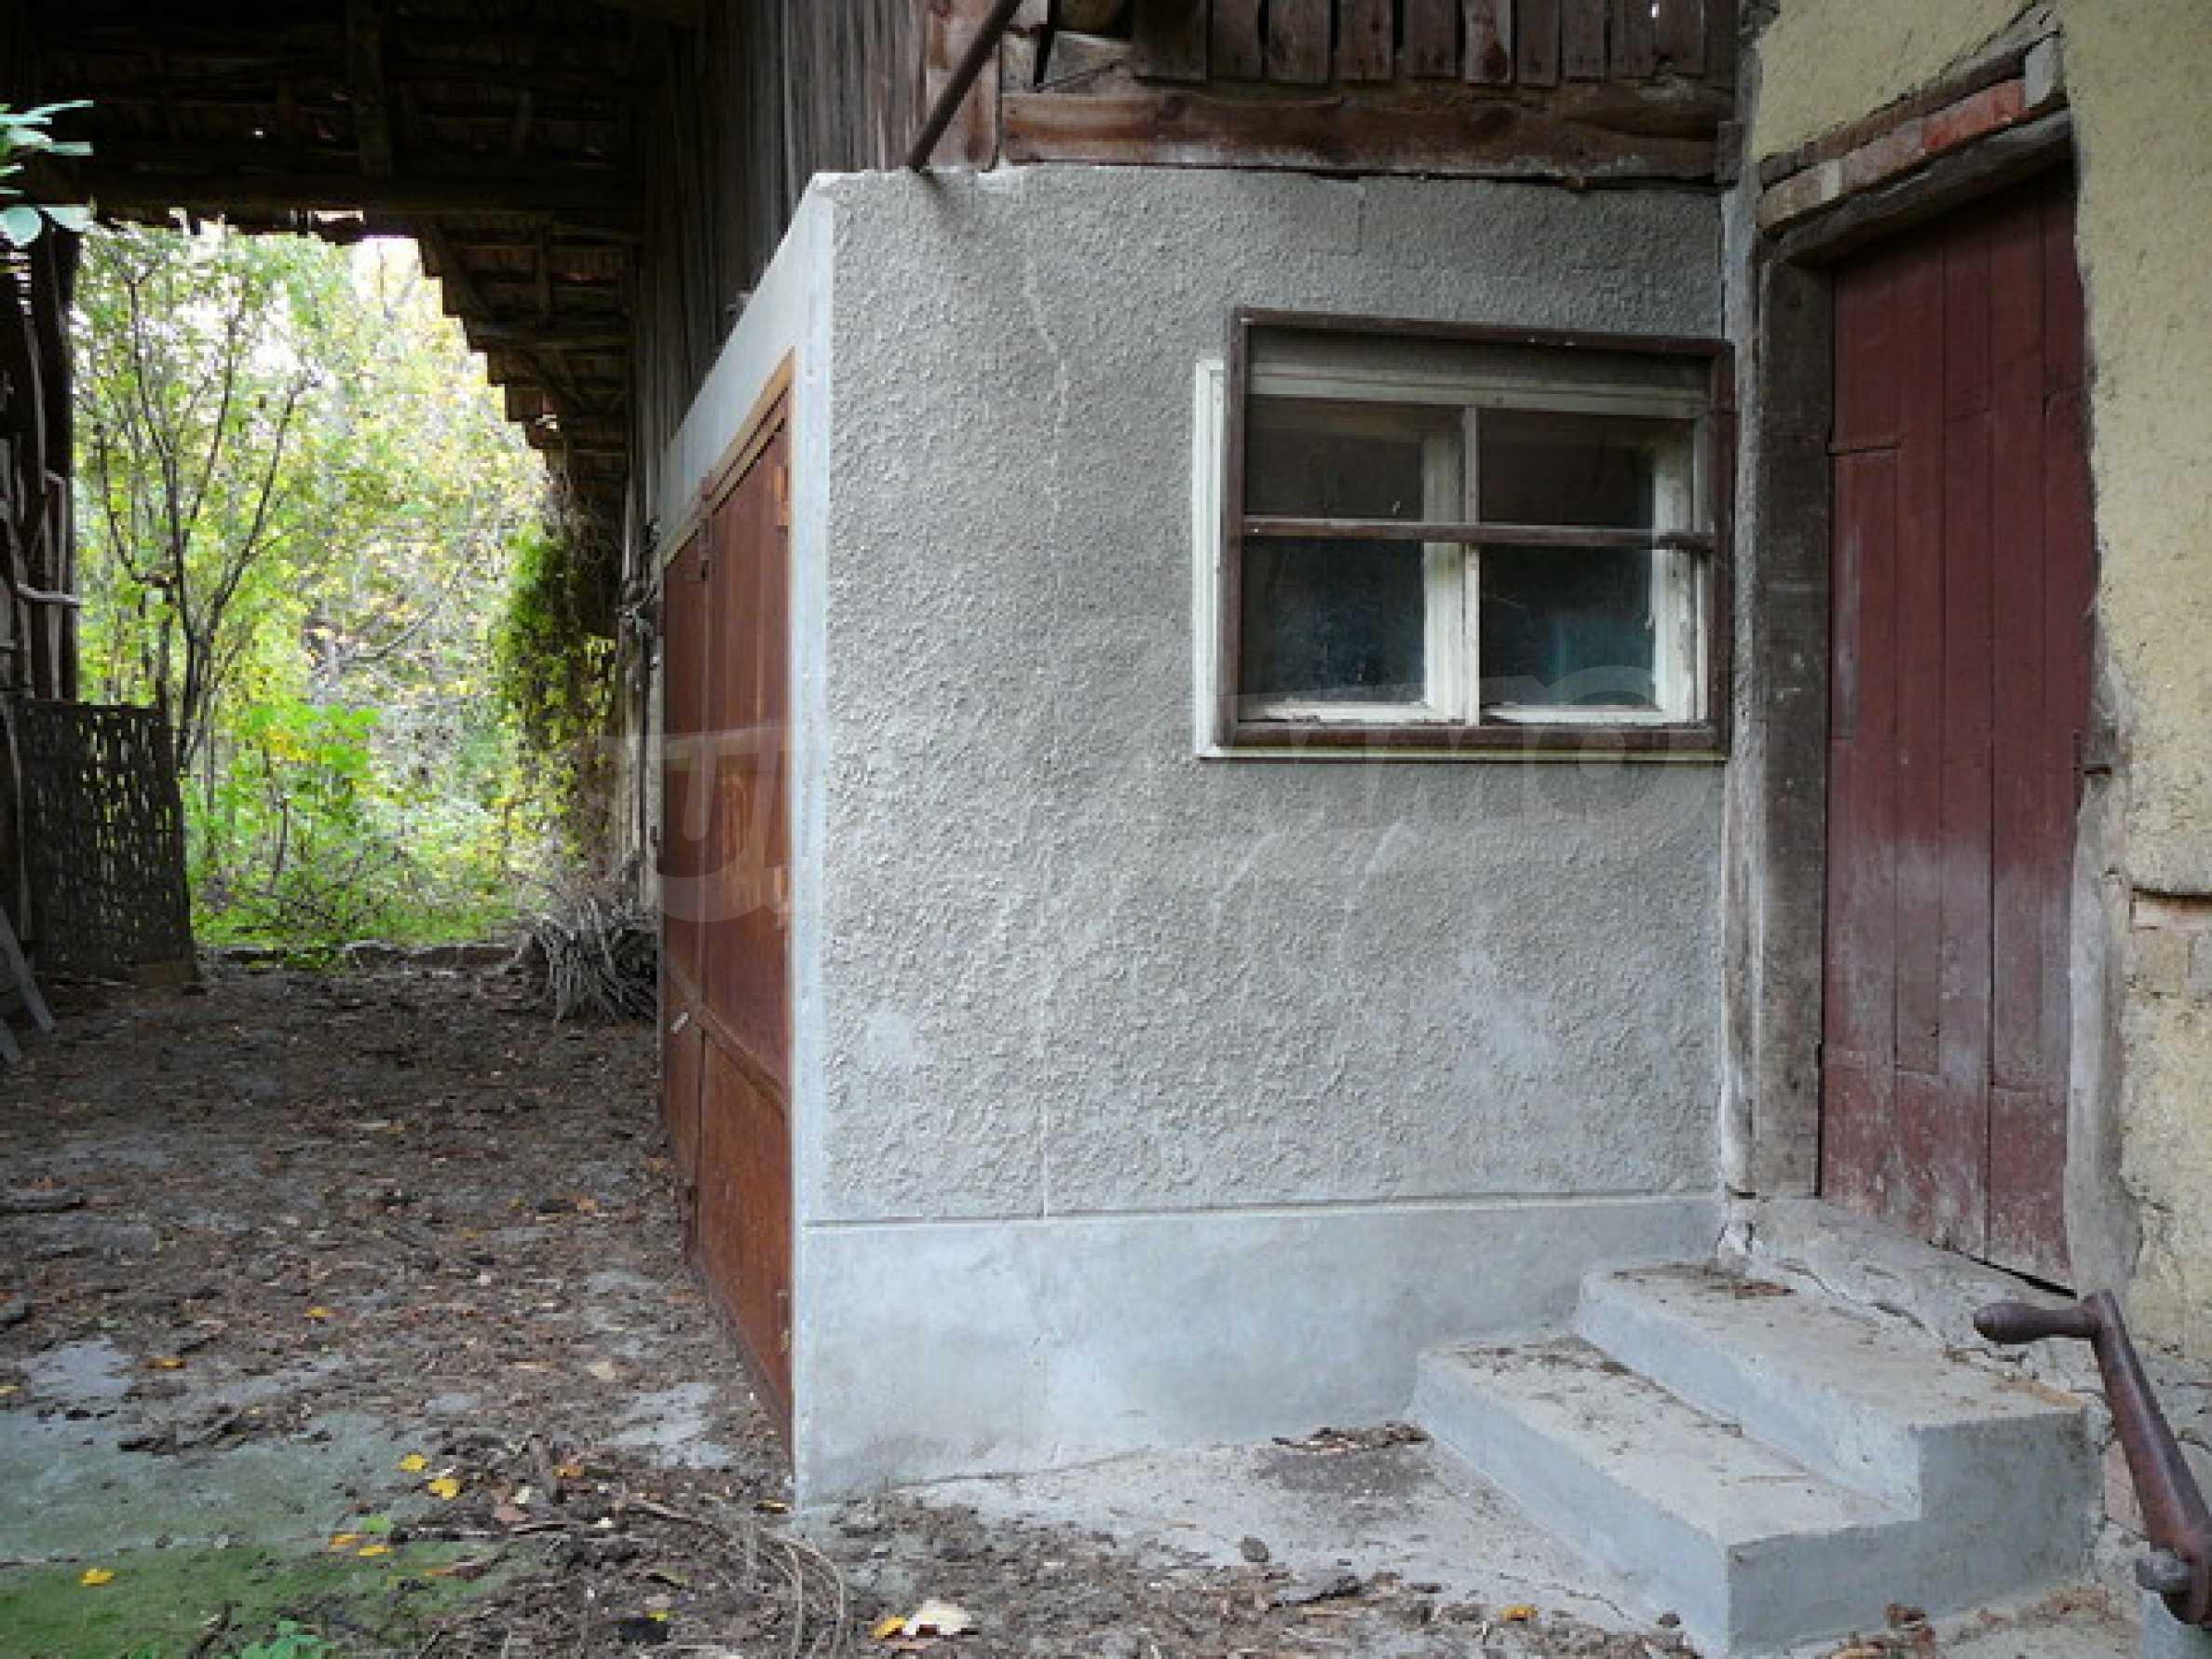 Къща за продажба близо до гр. Велико Търново 47